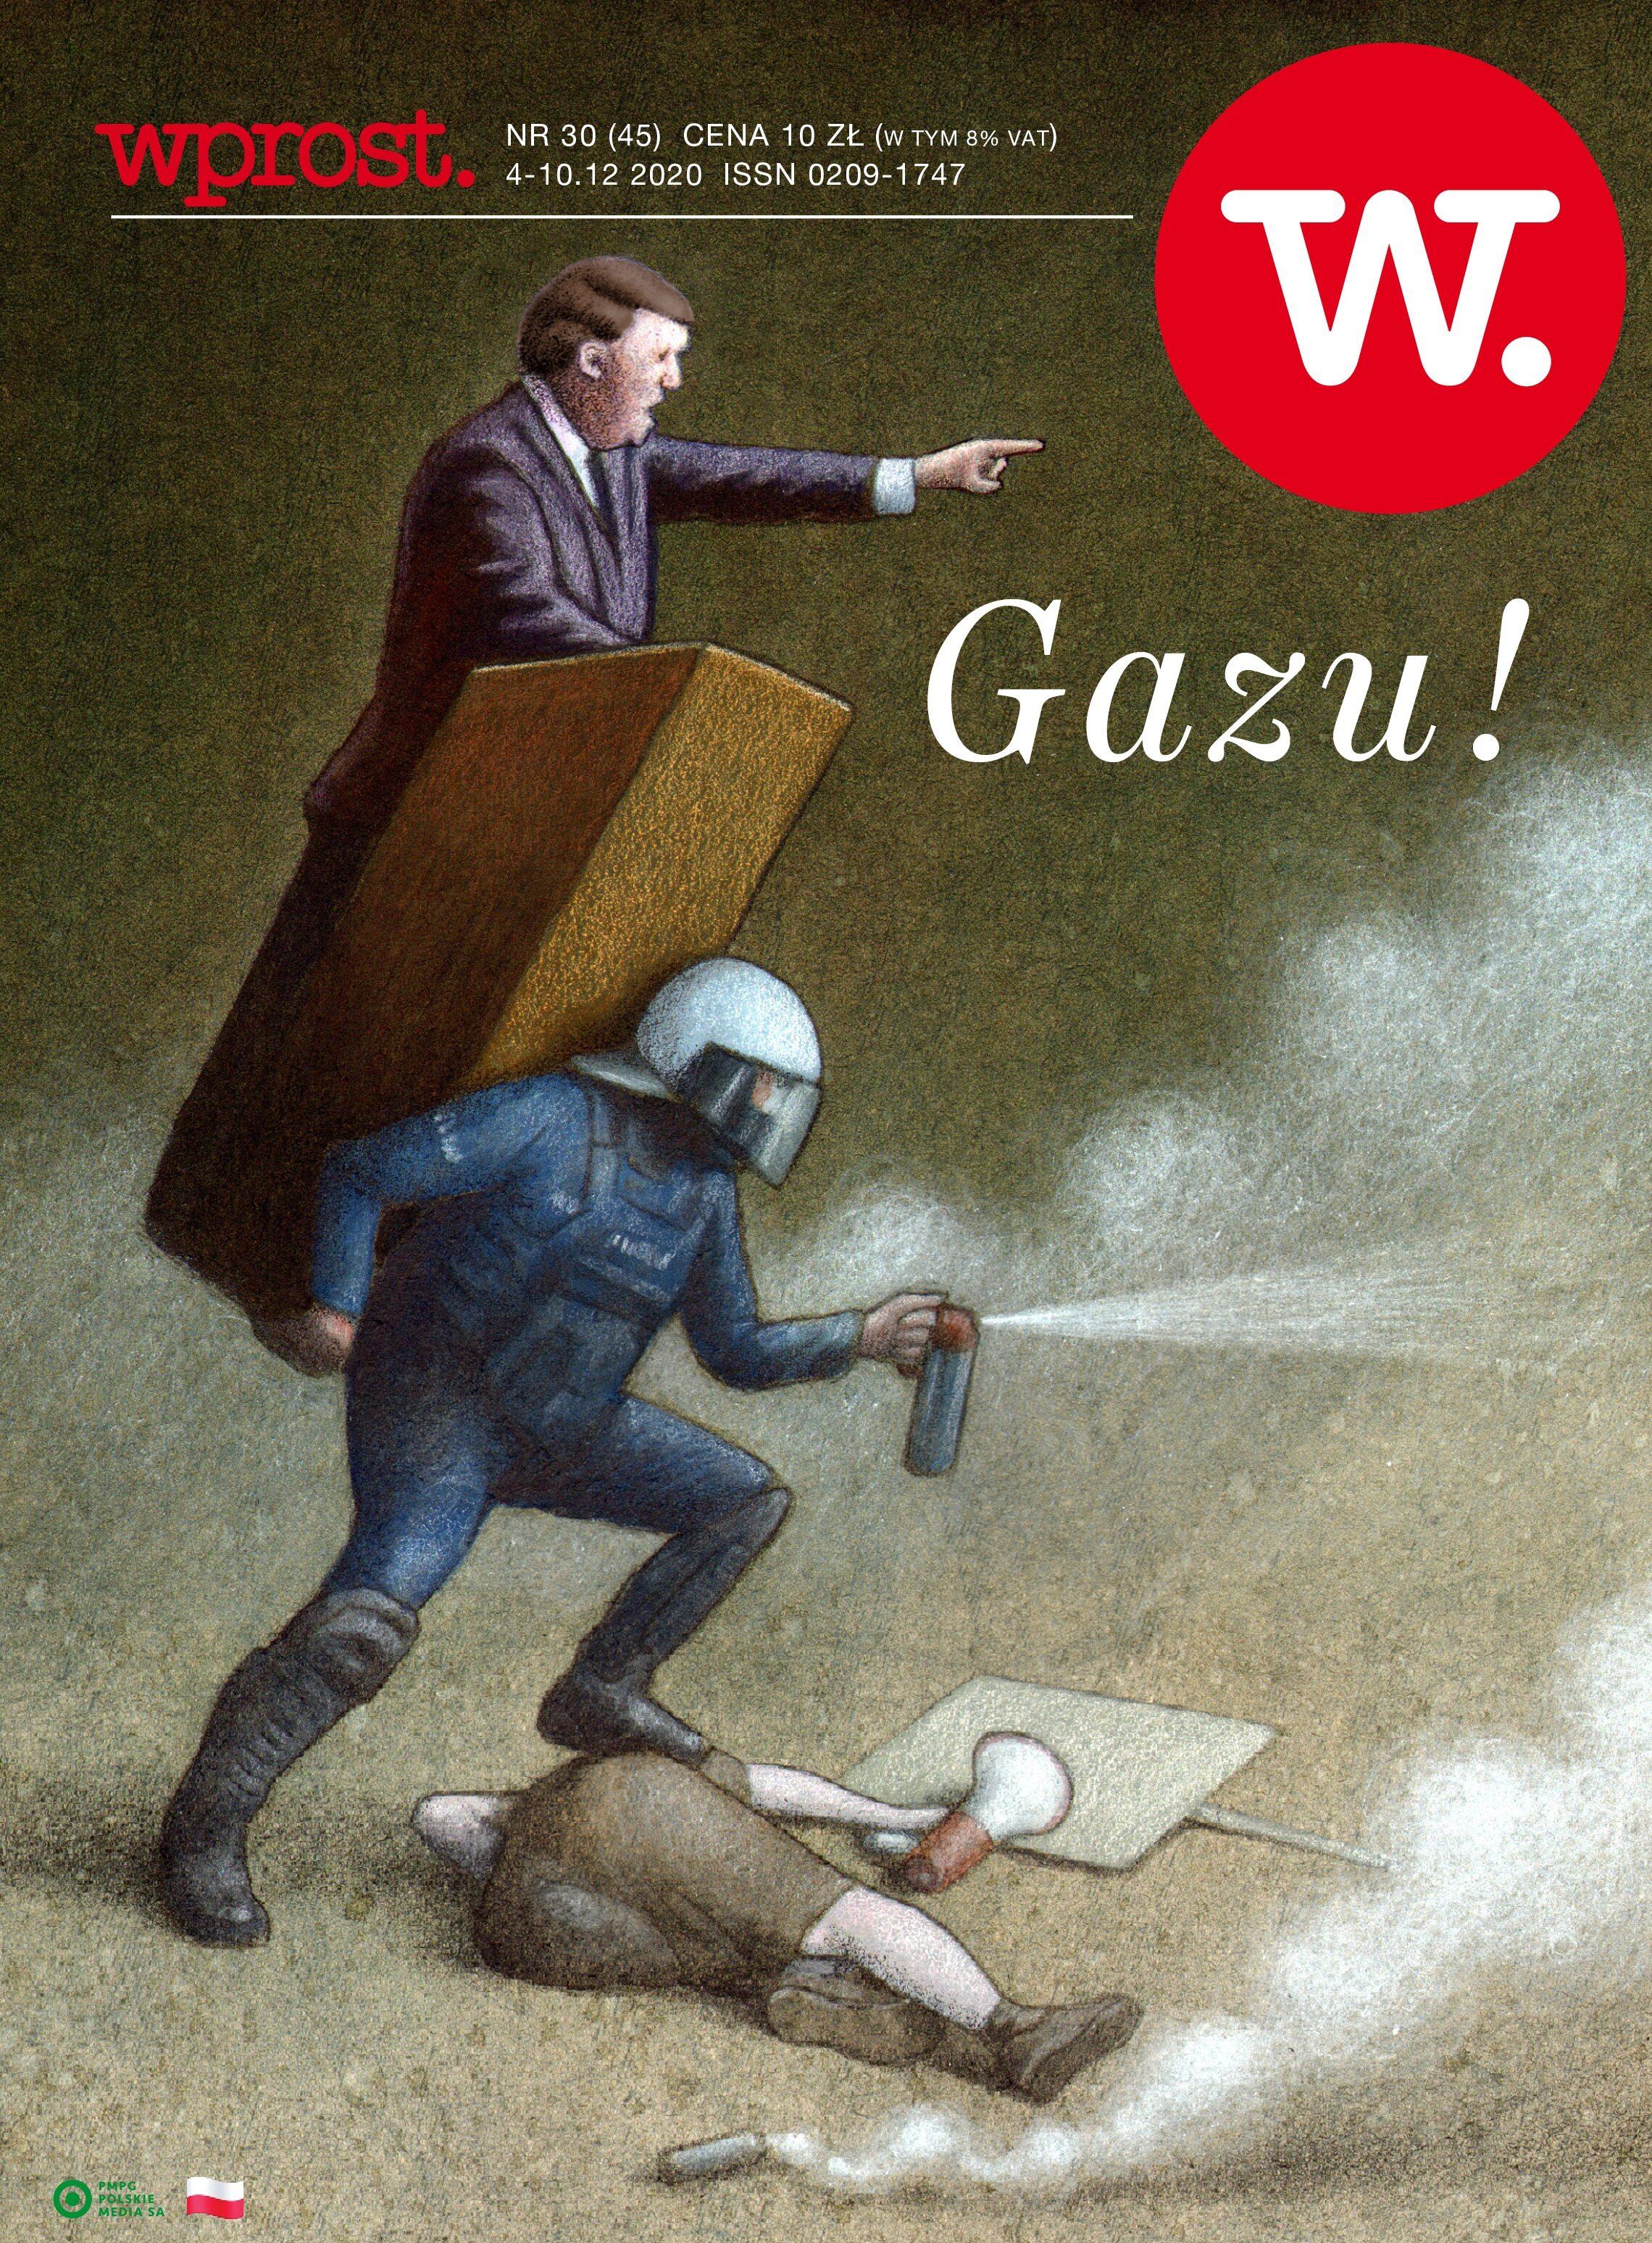 Tygodnik Wprost 45/2020 – Okładka